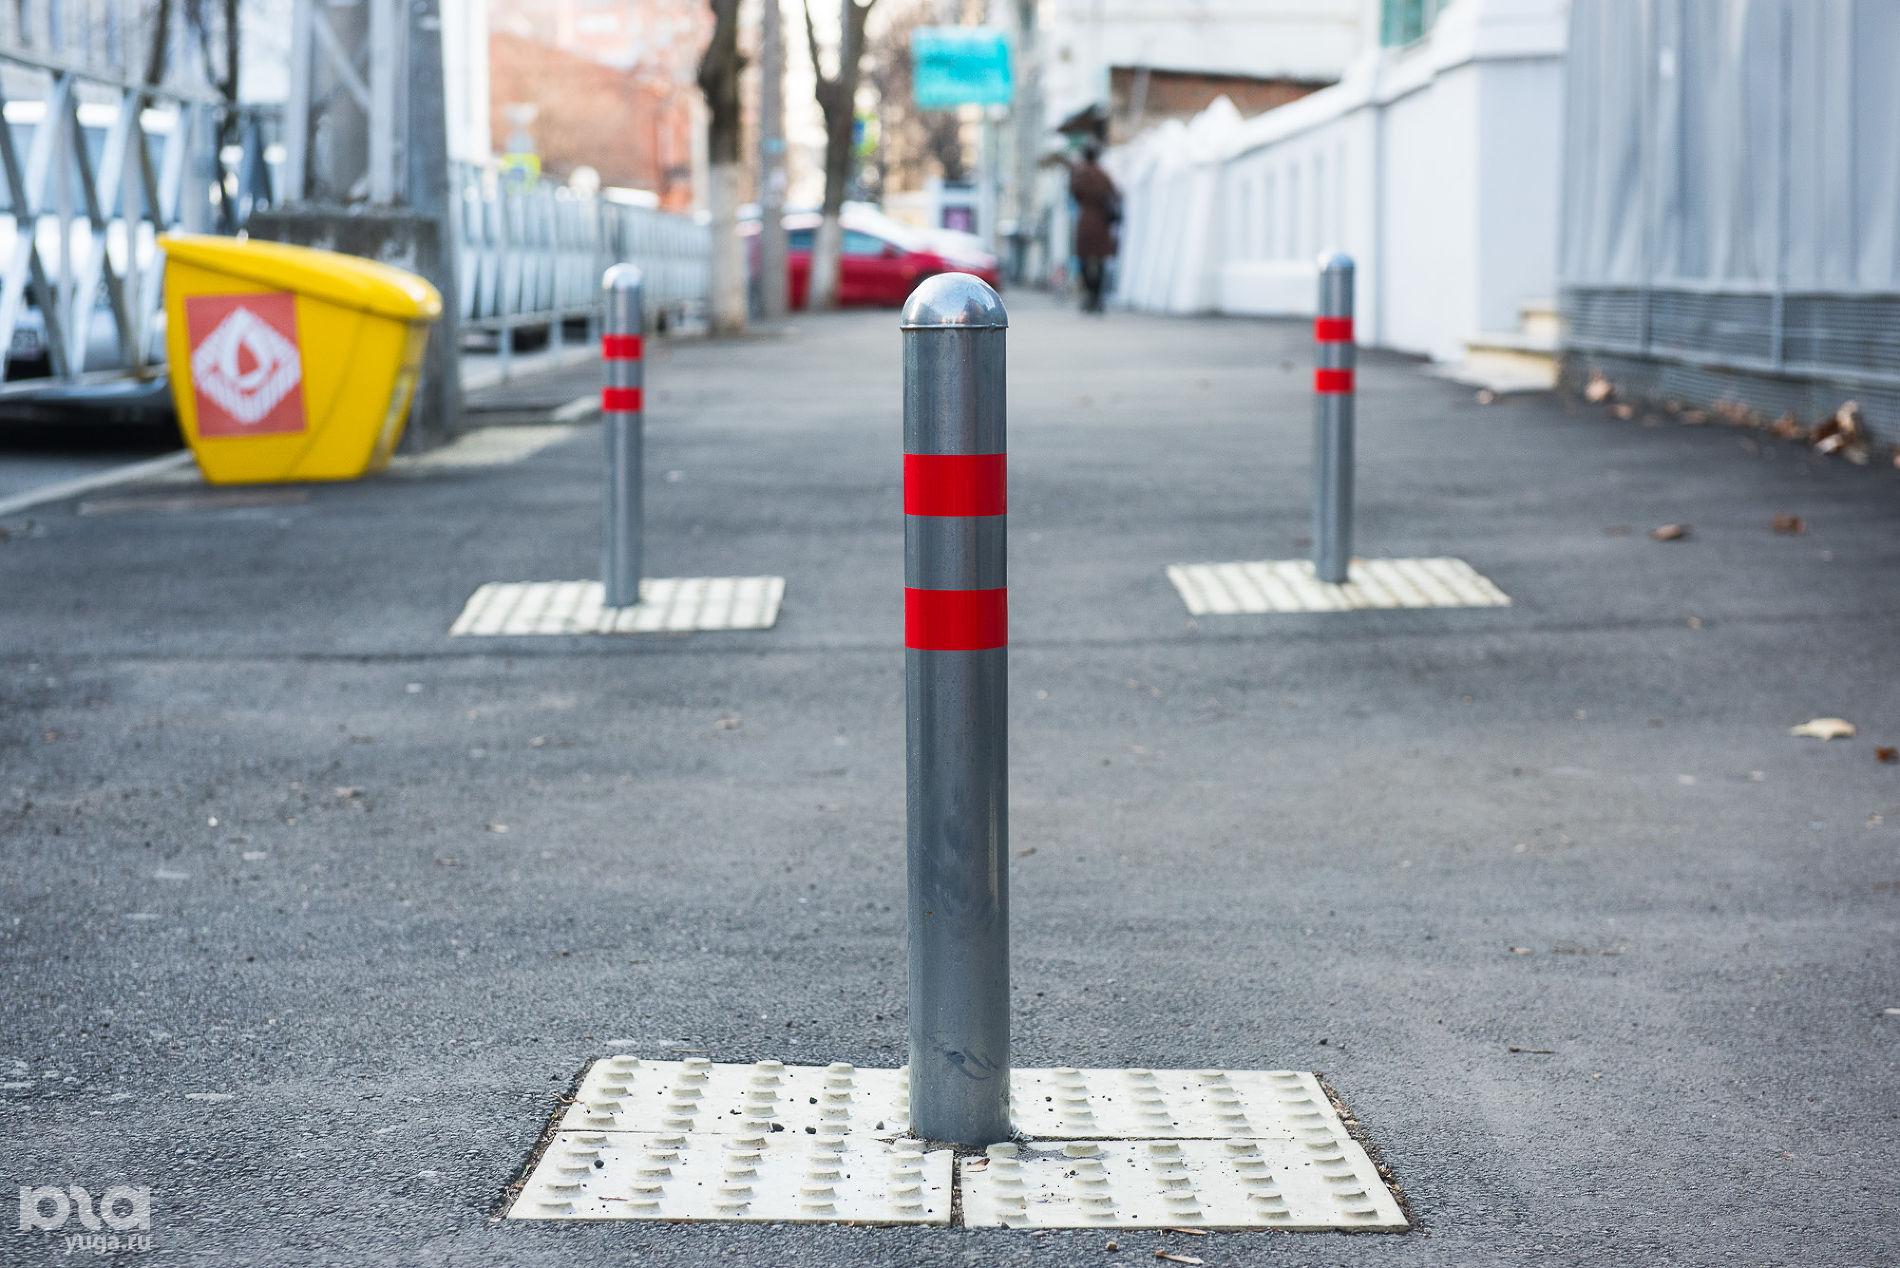 Плитка, предупреждающая о препятствии ©Фото Елены Синеок, Юга.ру